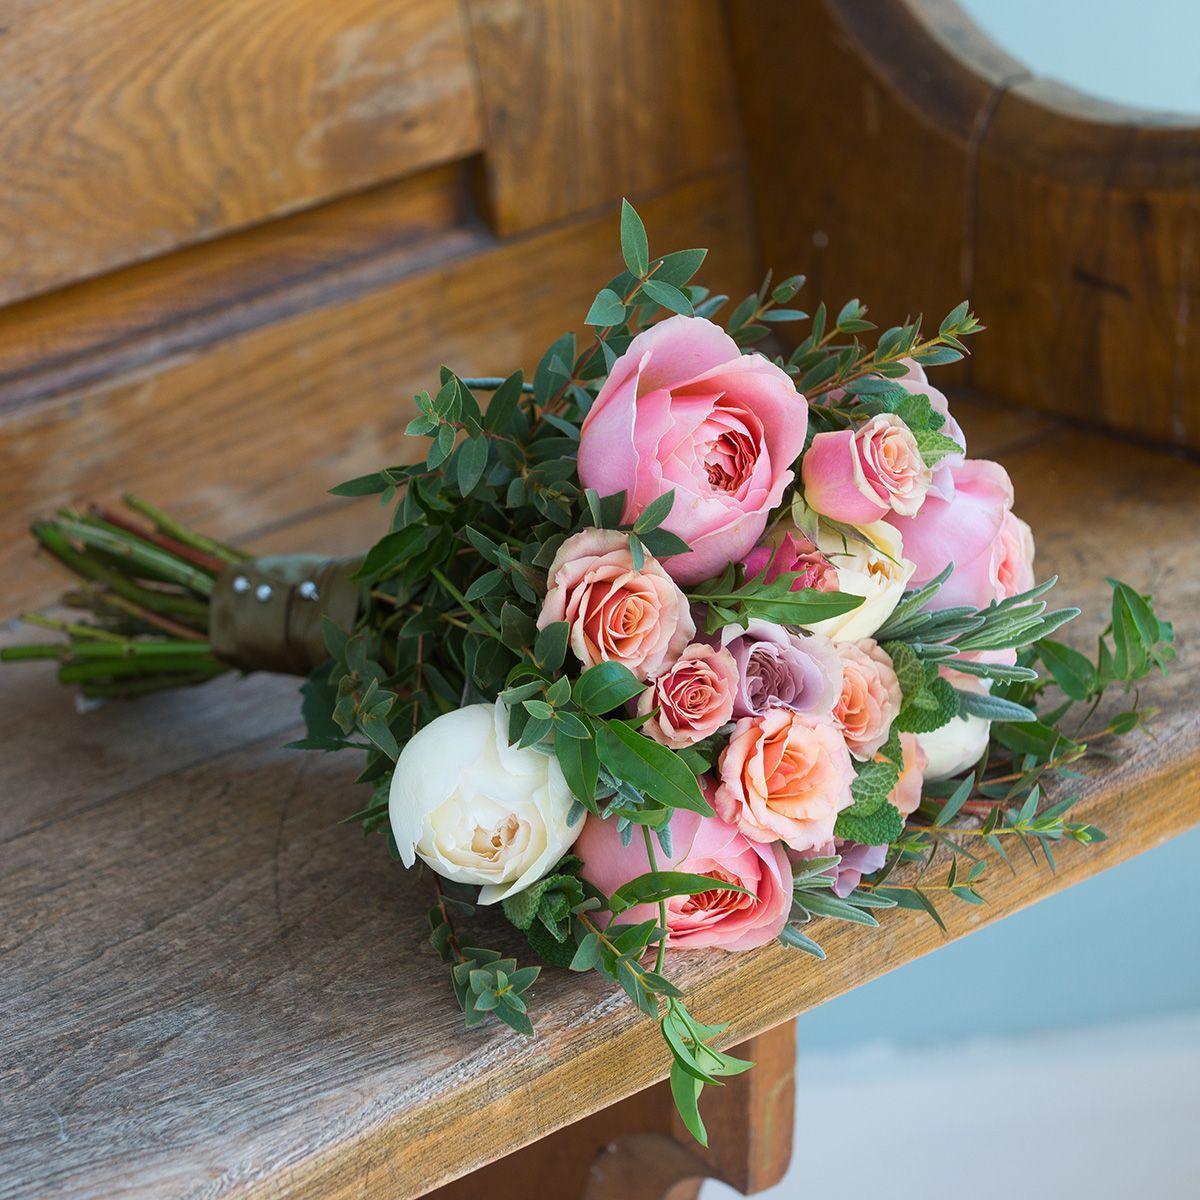 Romantic antique bridesmaid bouquet romantic antique bridesmaid flower girl bouquet izmirmasajfo